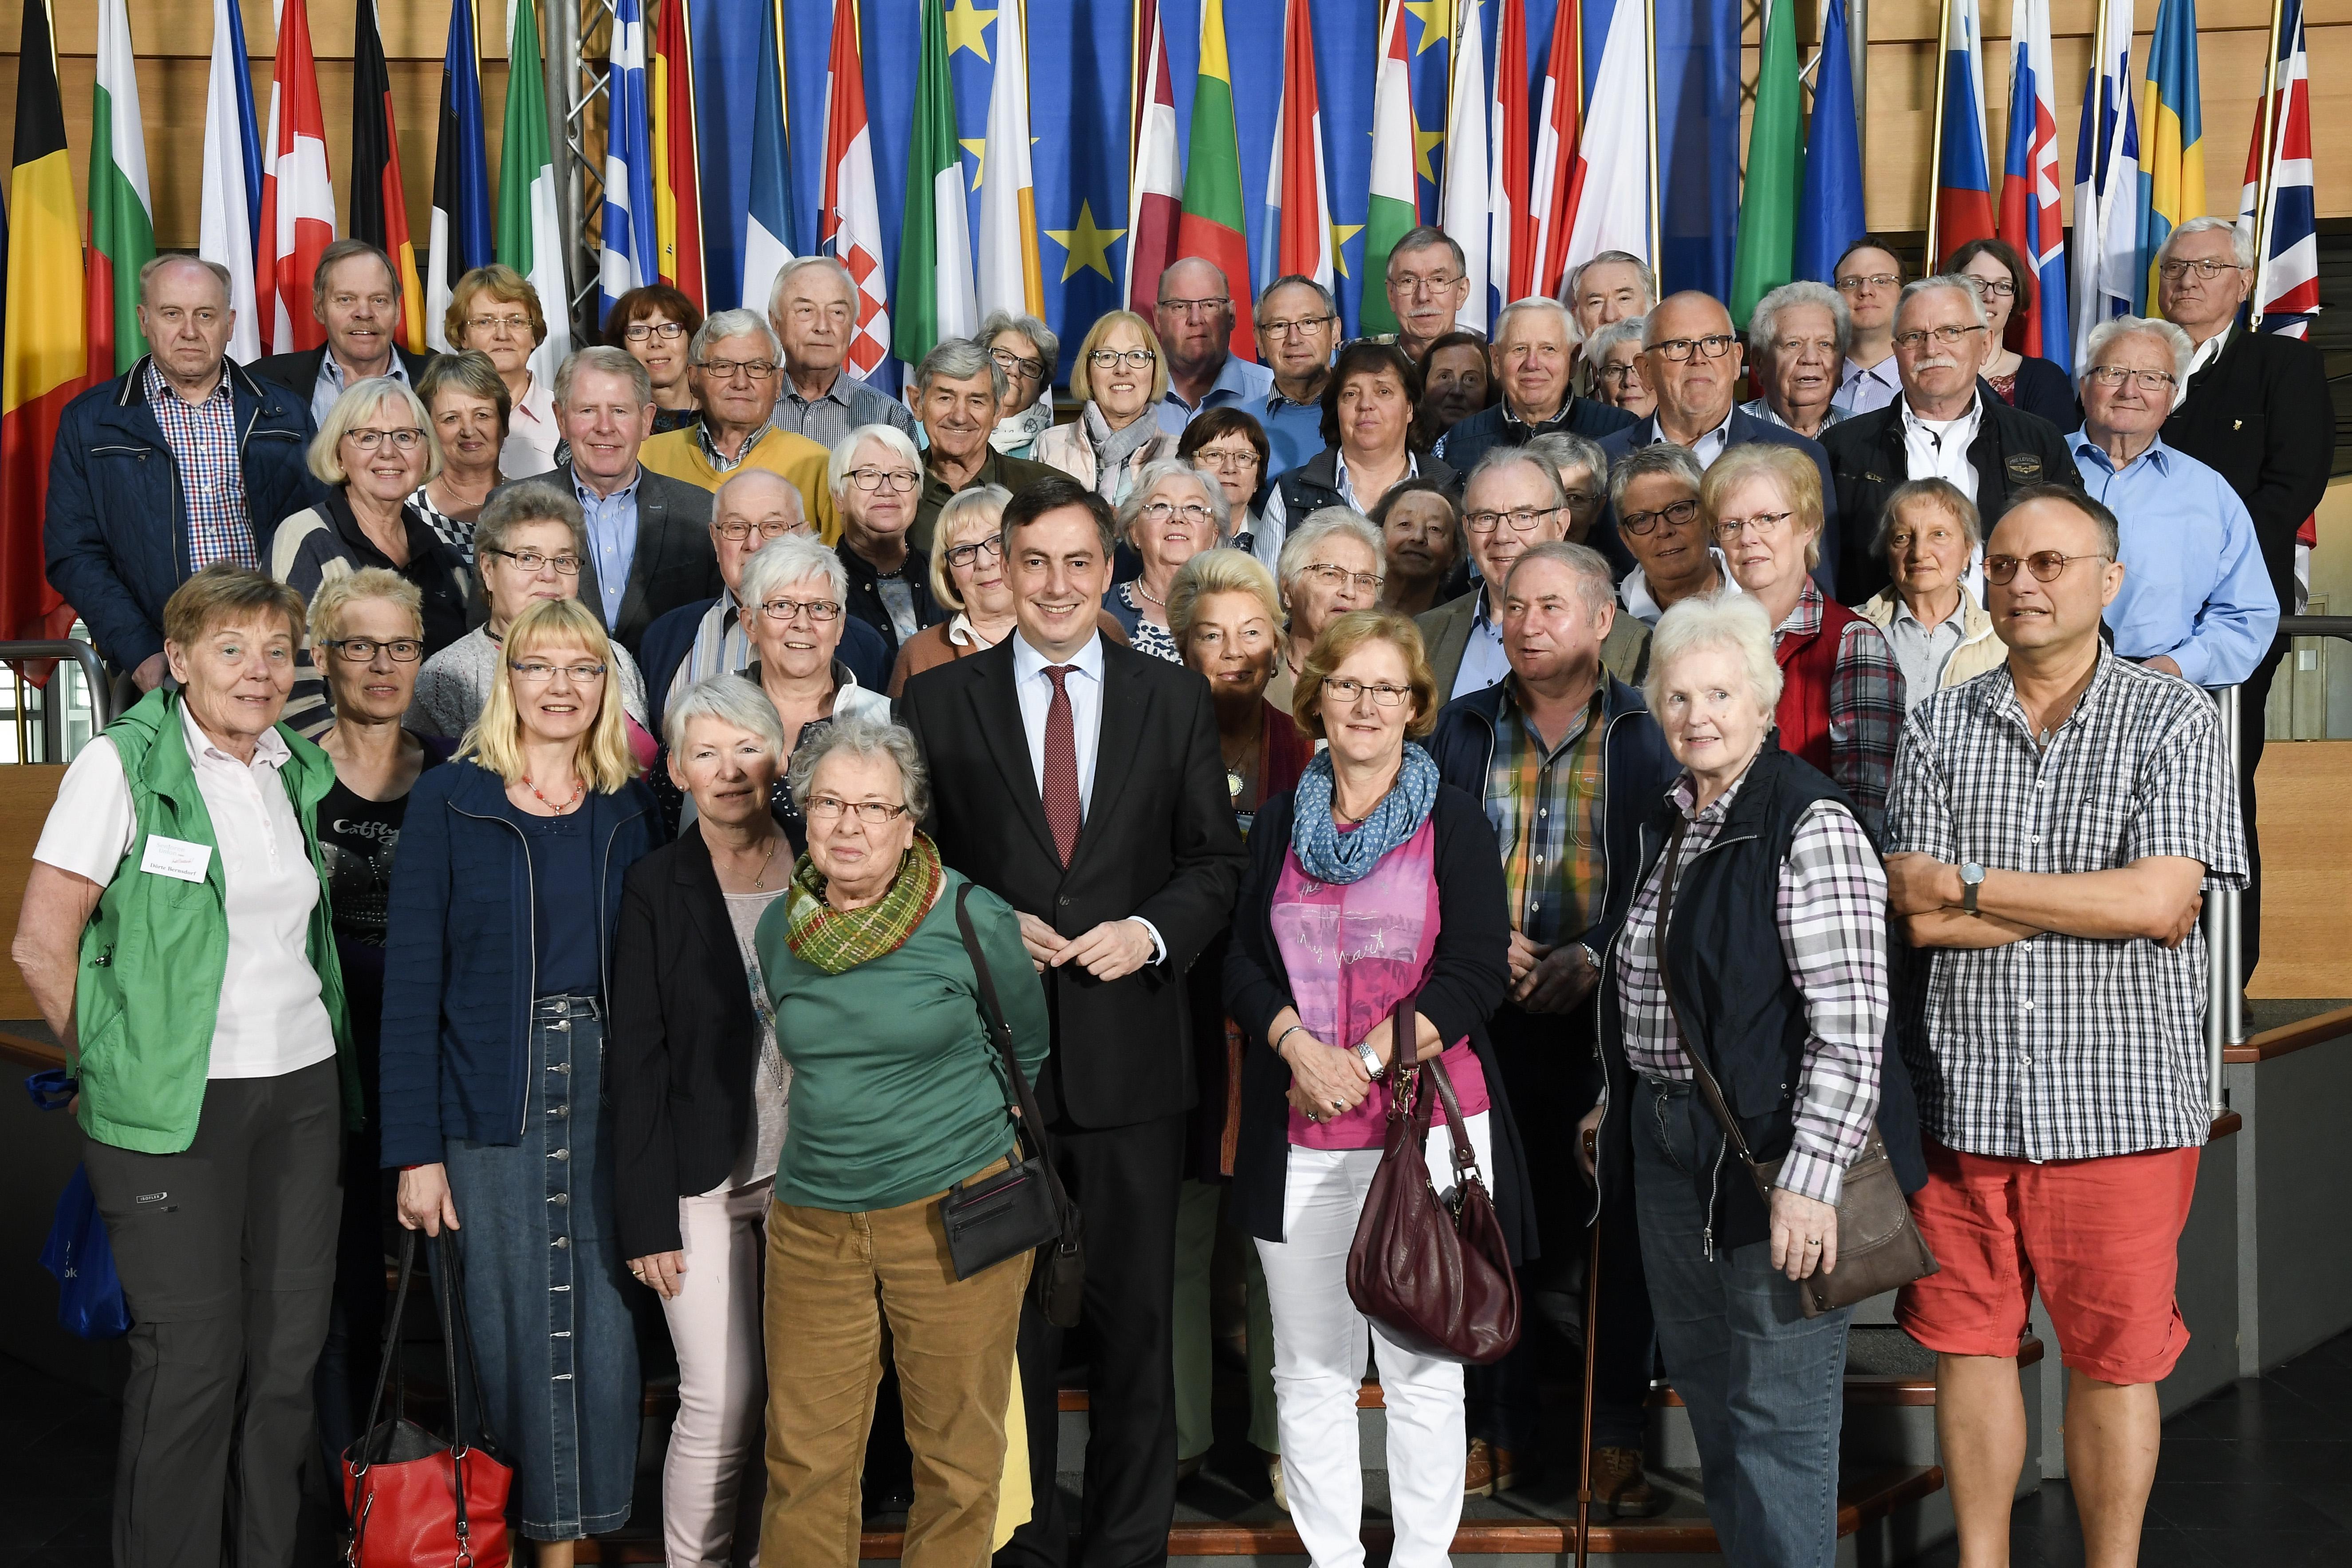 Presseinformation, 17.04.2018: Besonderes Erlebnis für Gruppe der Senioren-Union Osterholz in Straßburg